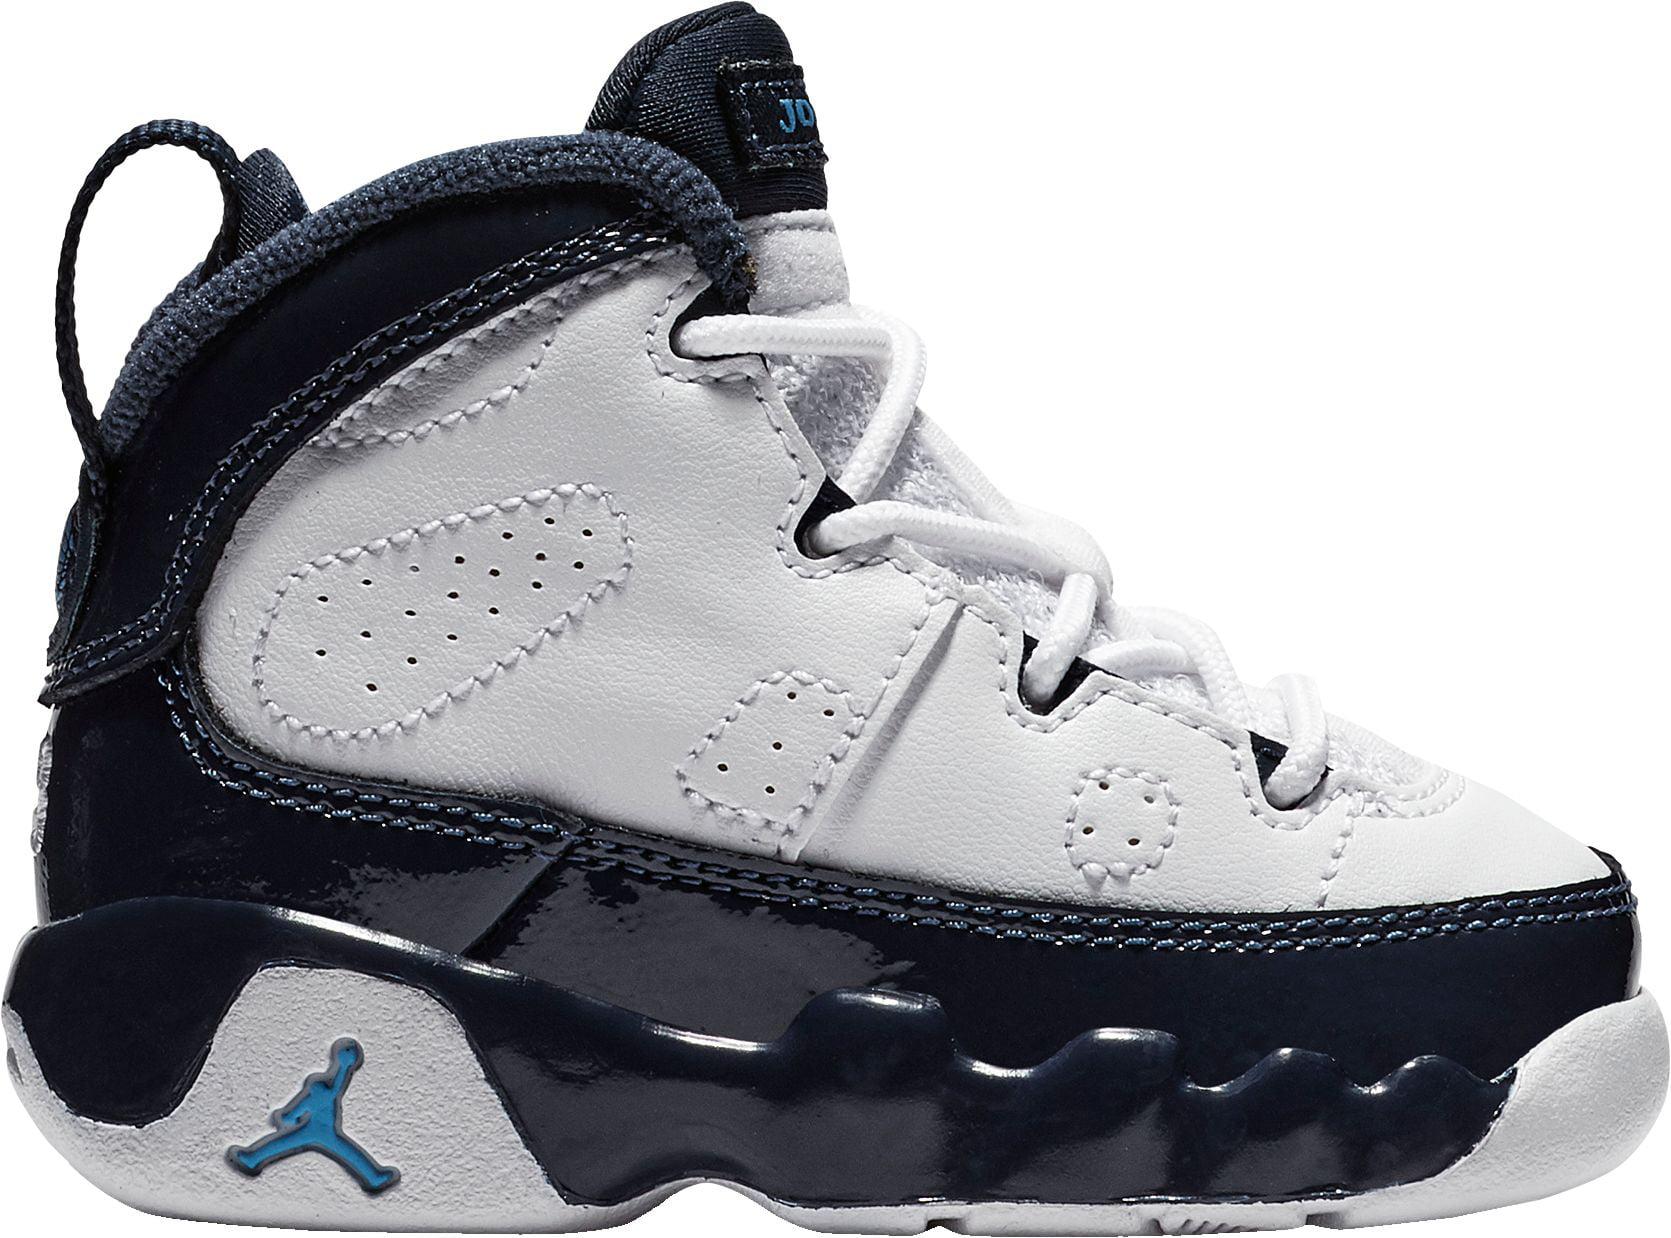 Jordan Toddler Air Jordan 9 Retro Basketball Shoes - Walmart.com